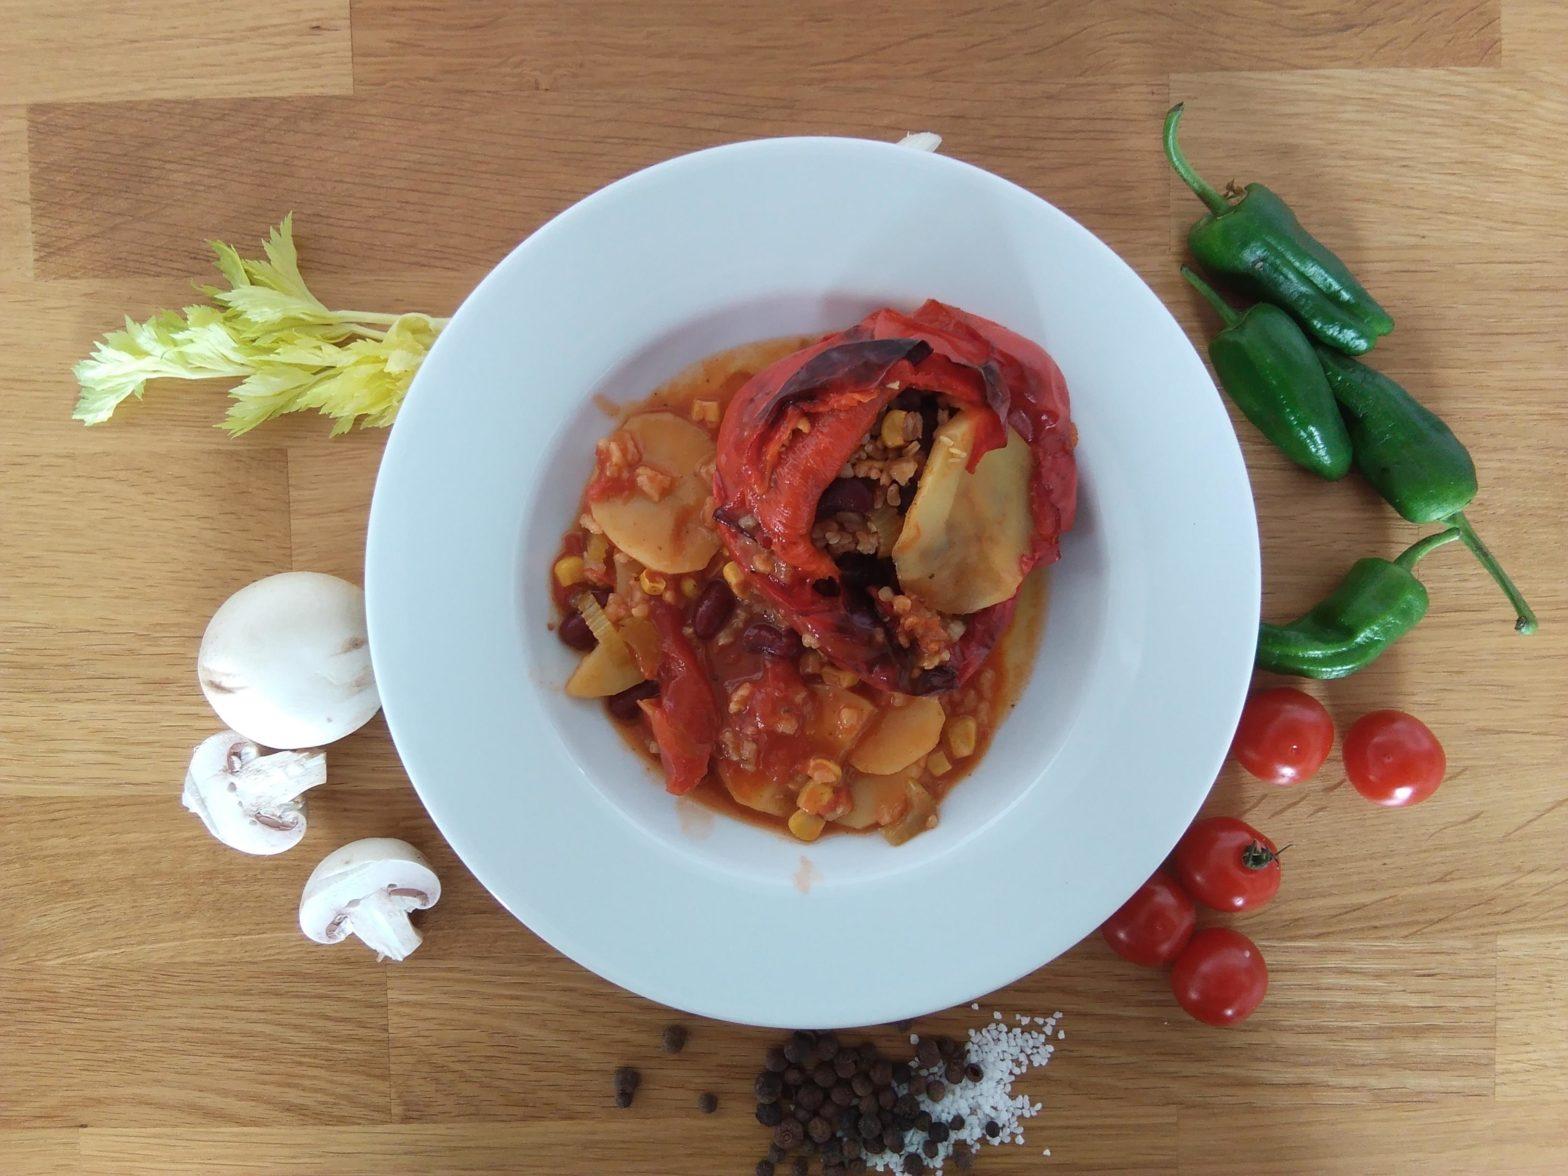 Teller mit gefüllter Paprika, Reis und Kartoffeln